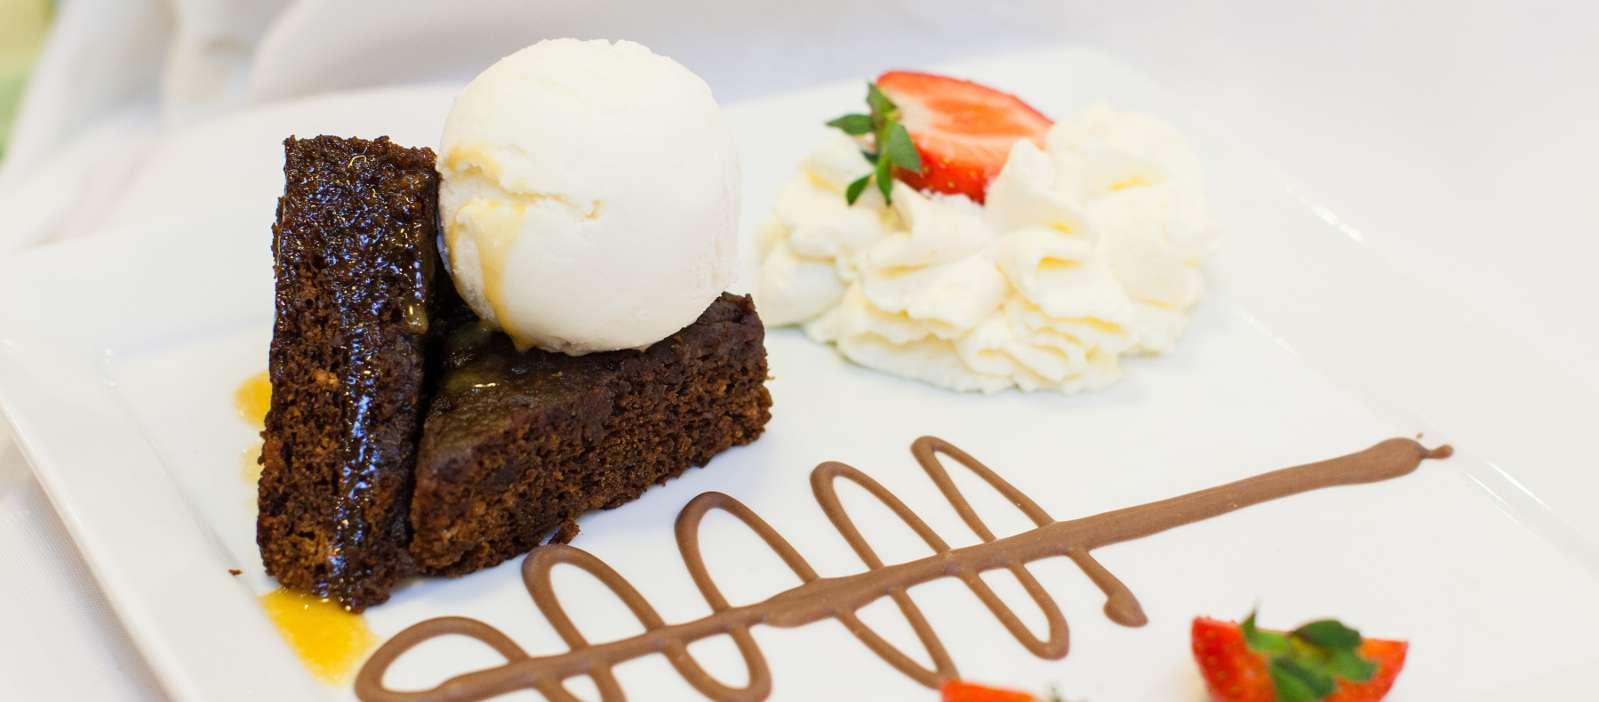 Desserts at Coleraine Restaurant